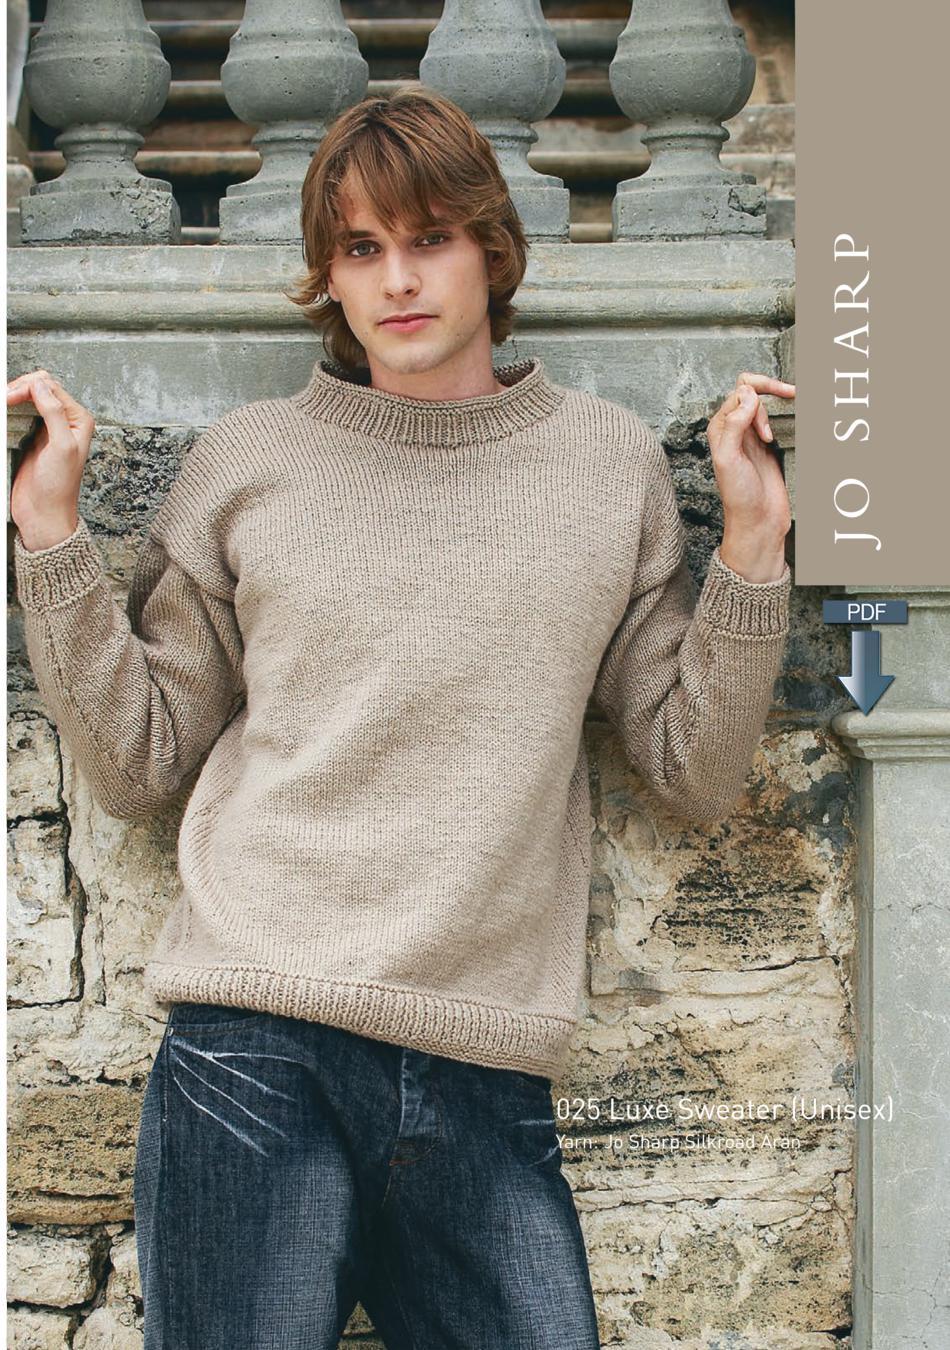 Jo Sharp Luxe Sweater - Pattern Download, Knitting Pattern - Halcyon Yarn